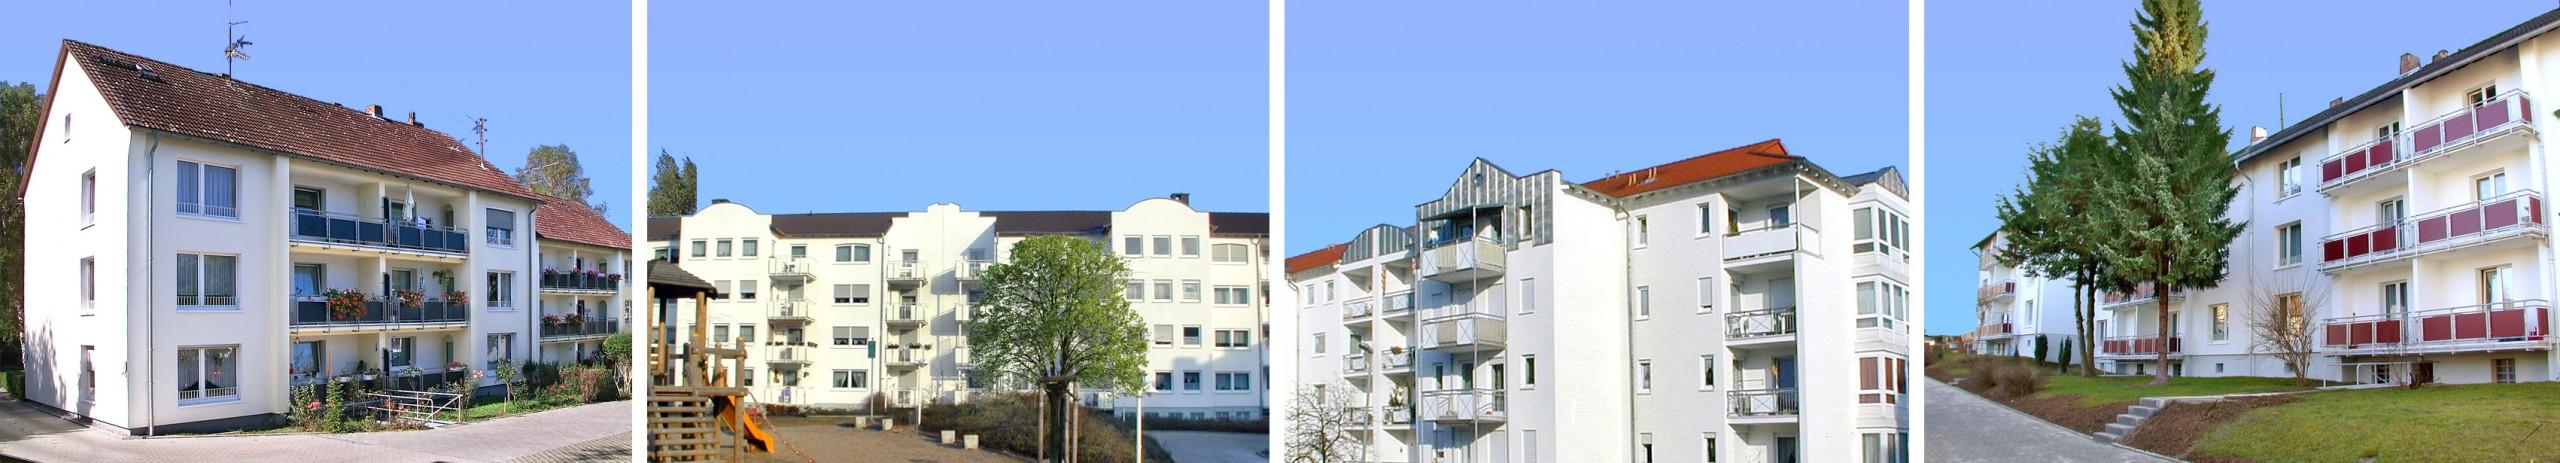 Wohnungen in Lahnstein